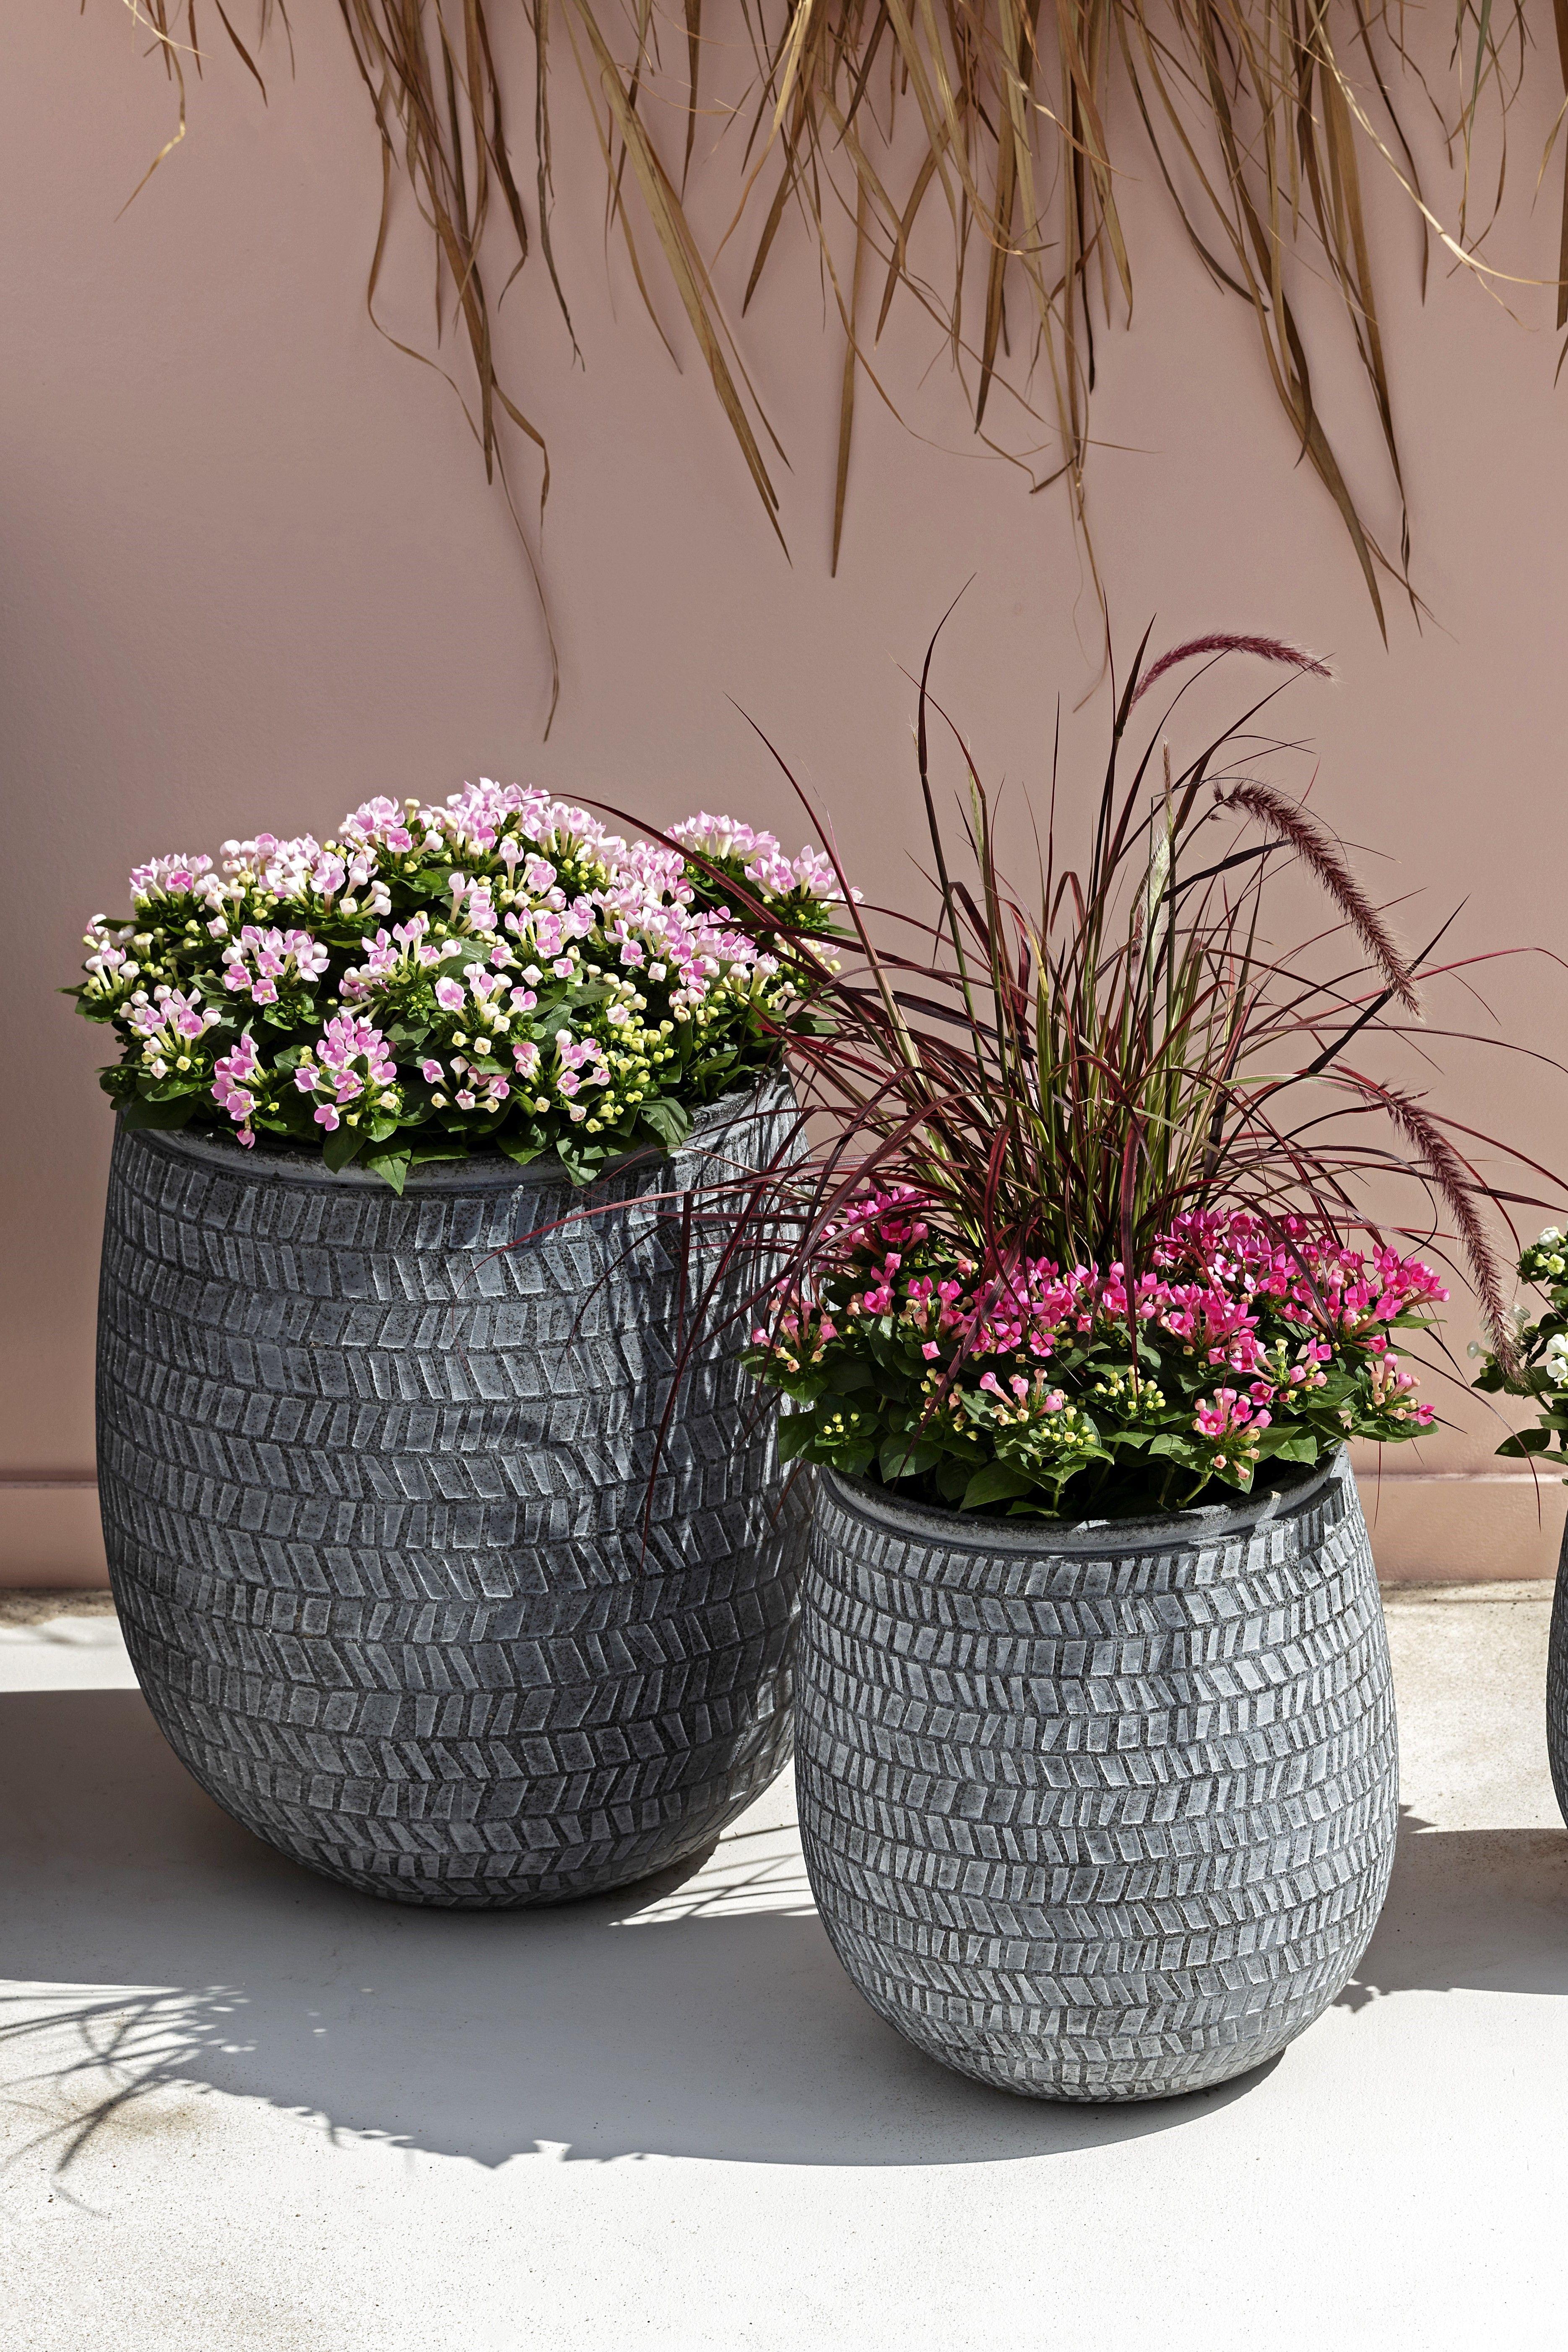 Kubelpflanzen Fur Terrasse Und Balkon Kubelpflanzen Pflanzen Leichtbeton